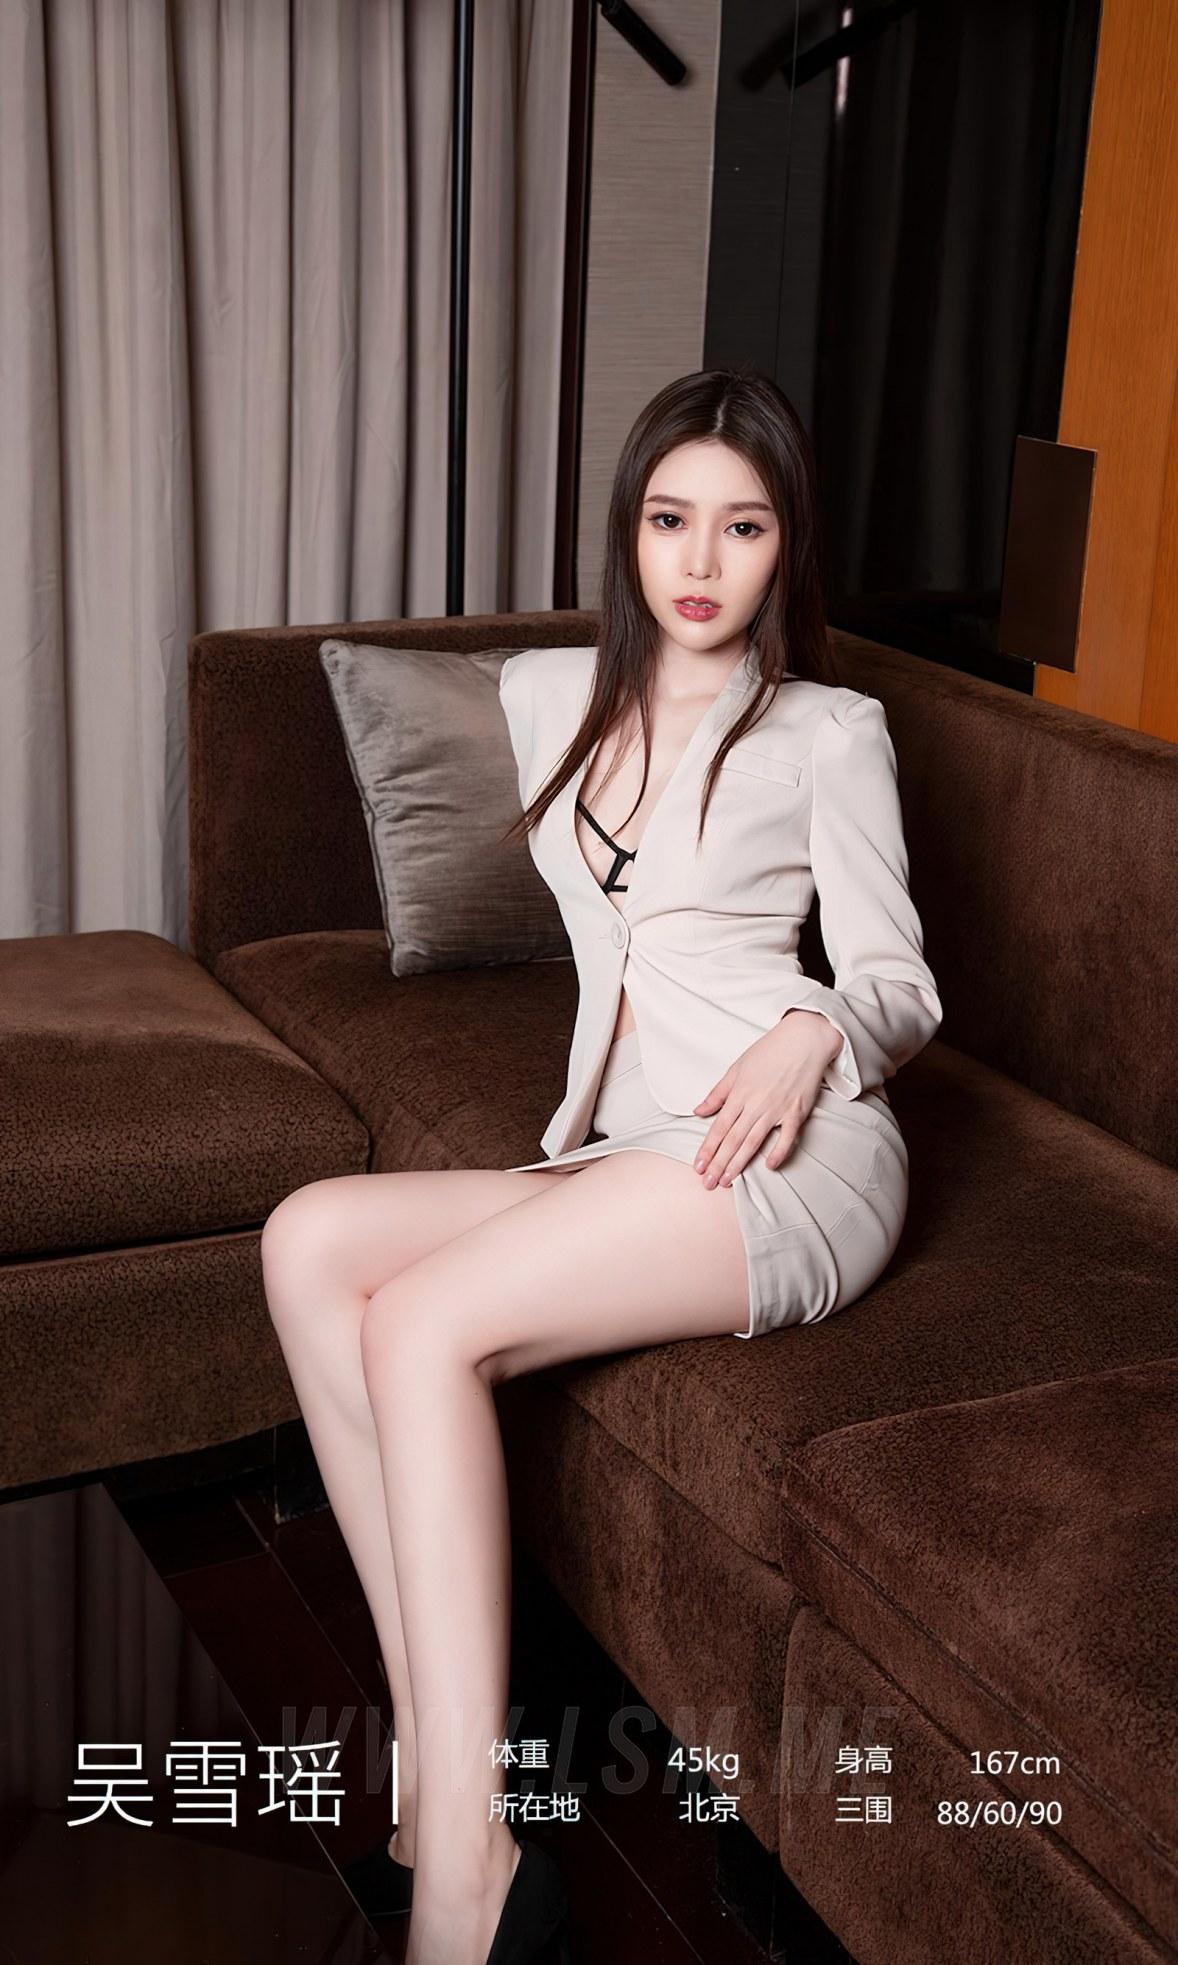 UGirls 爱尤物 No.2055 吴雪瑶 职业诱惑 - 3